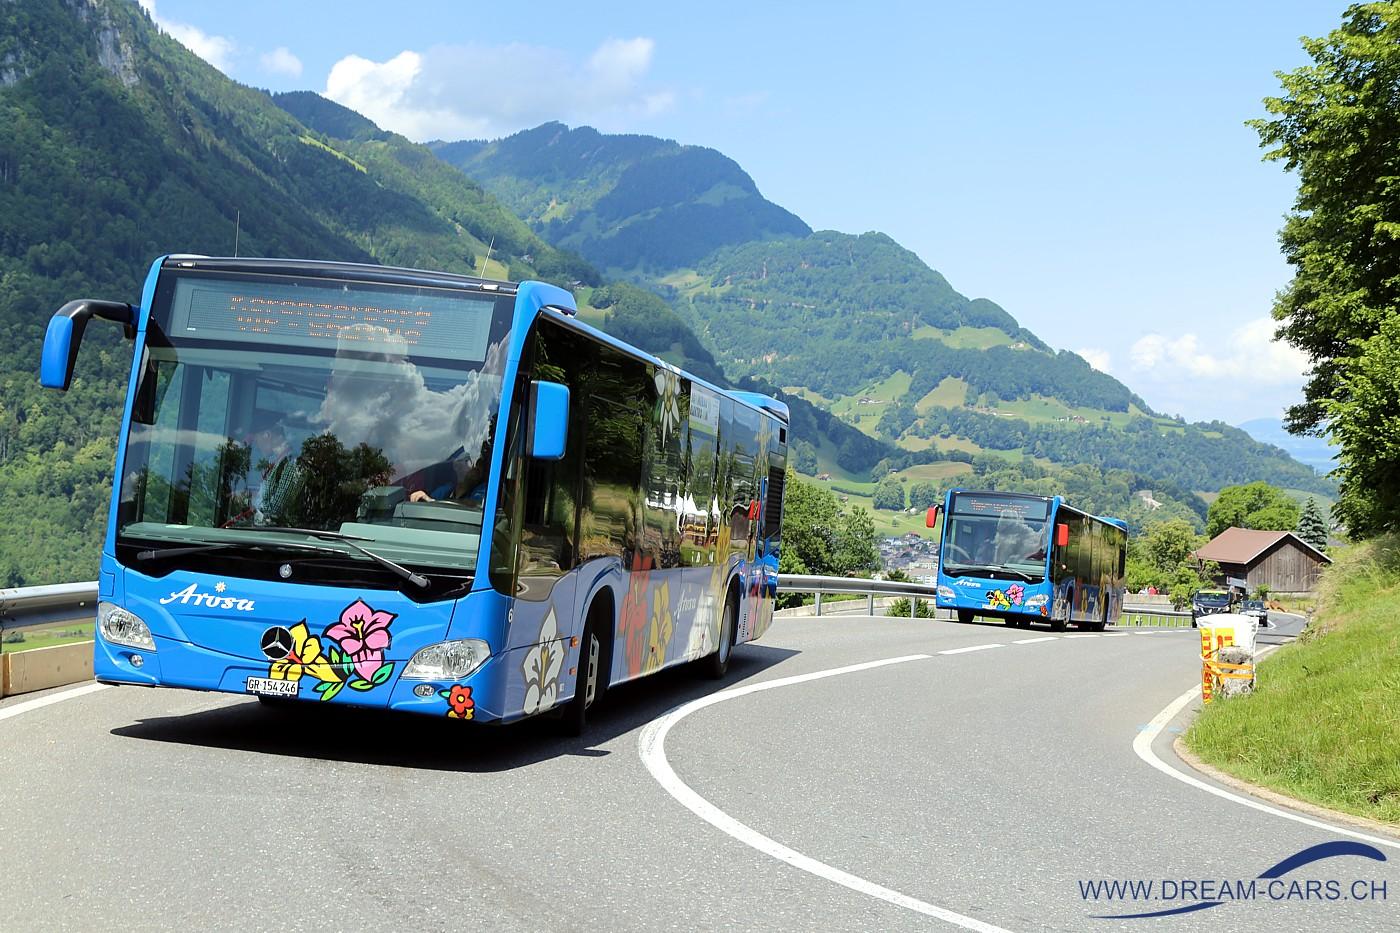 Arosa-Busse am Kerenzerberg Rennen